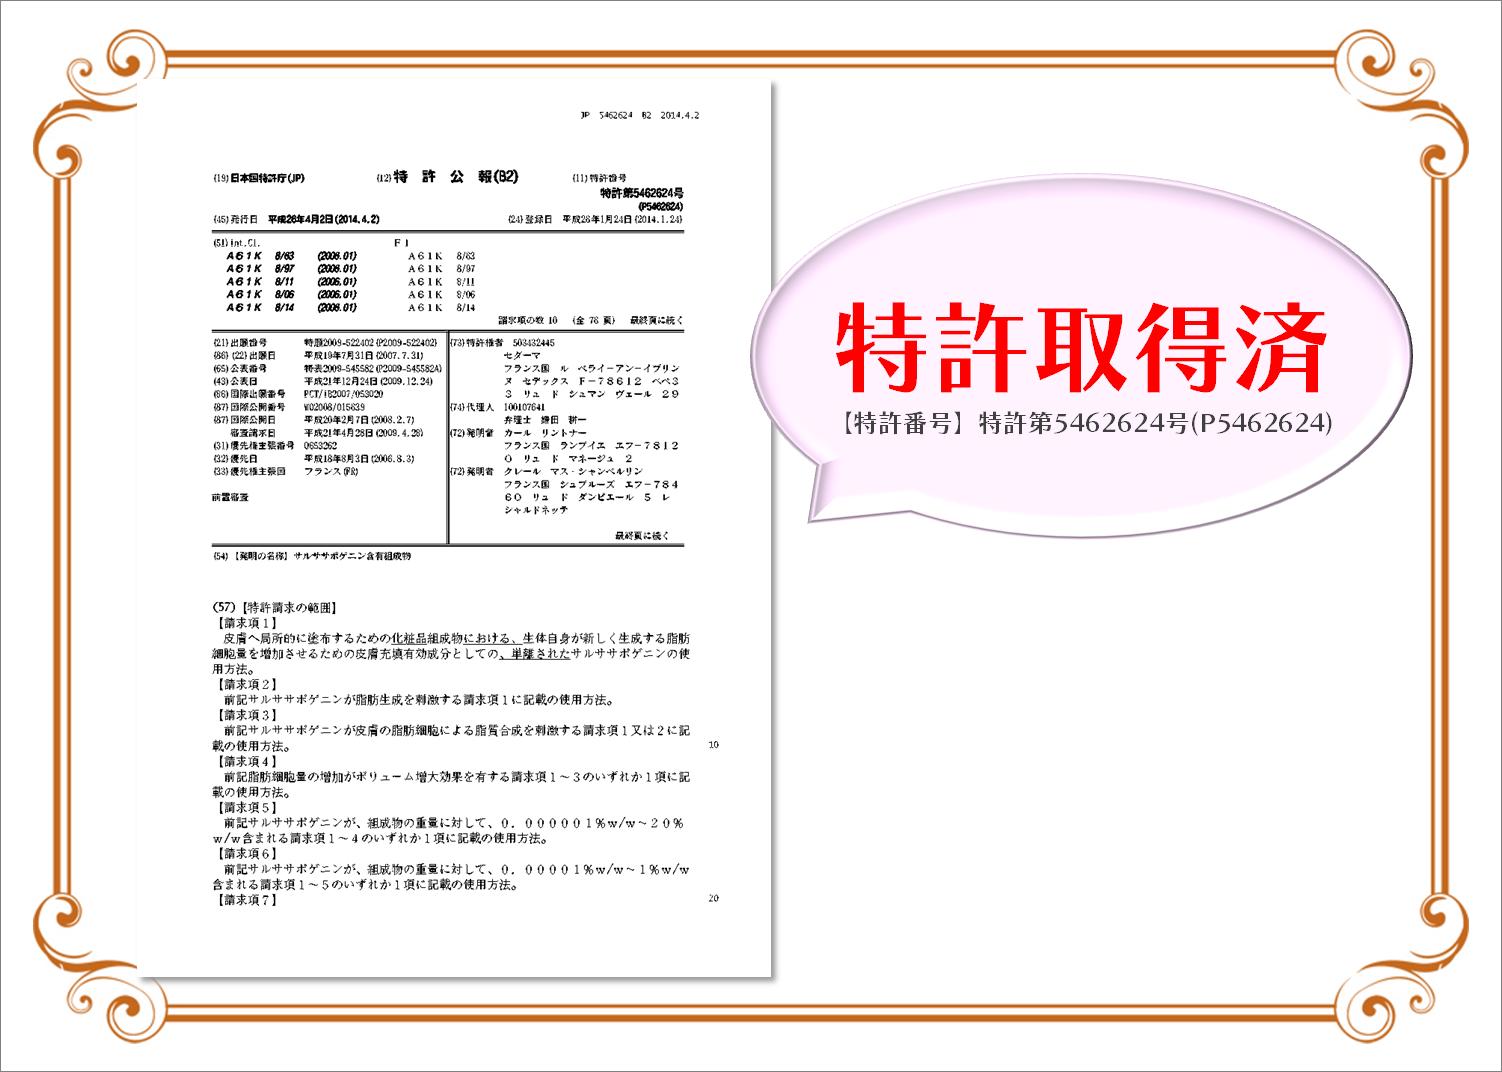 MAPUTI フレグランスバストアップクリーム 特許